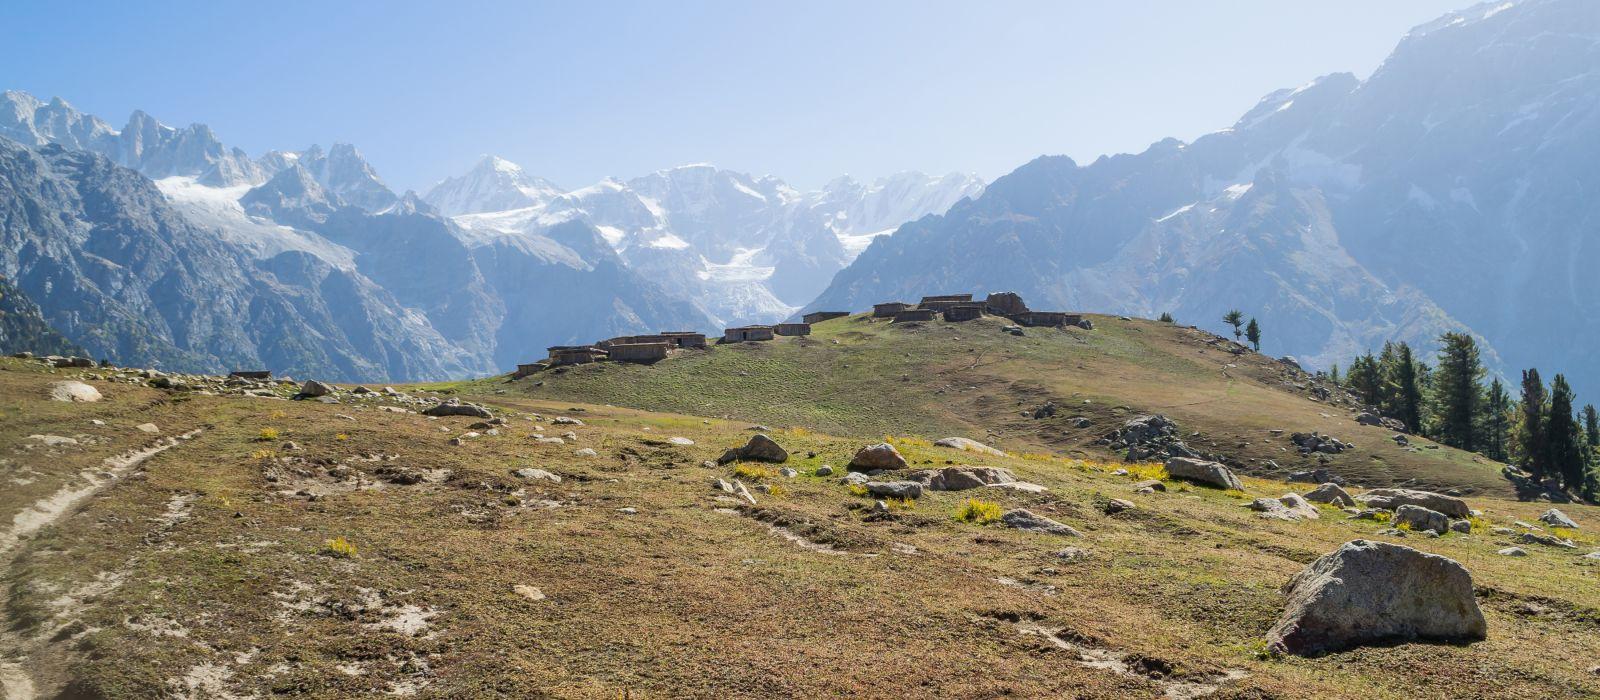 Lokale Siedlungen auf einer riesigen Wiese im Herbst mit Gletschern und hohen Bergen im Hintergrund, Nepal, Asien